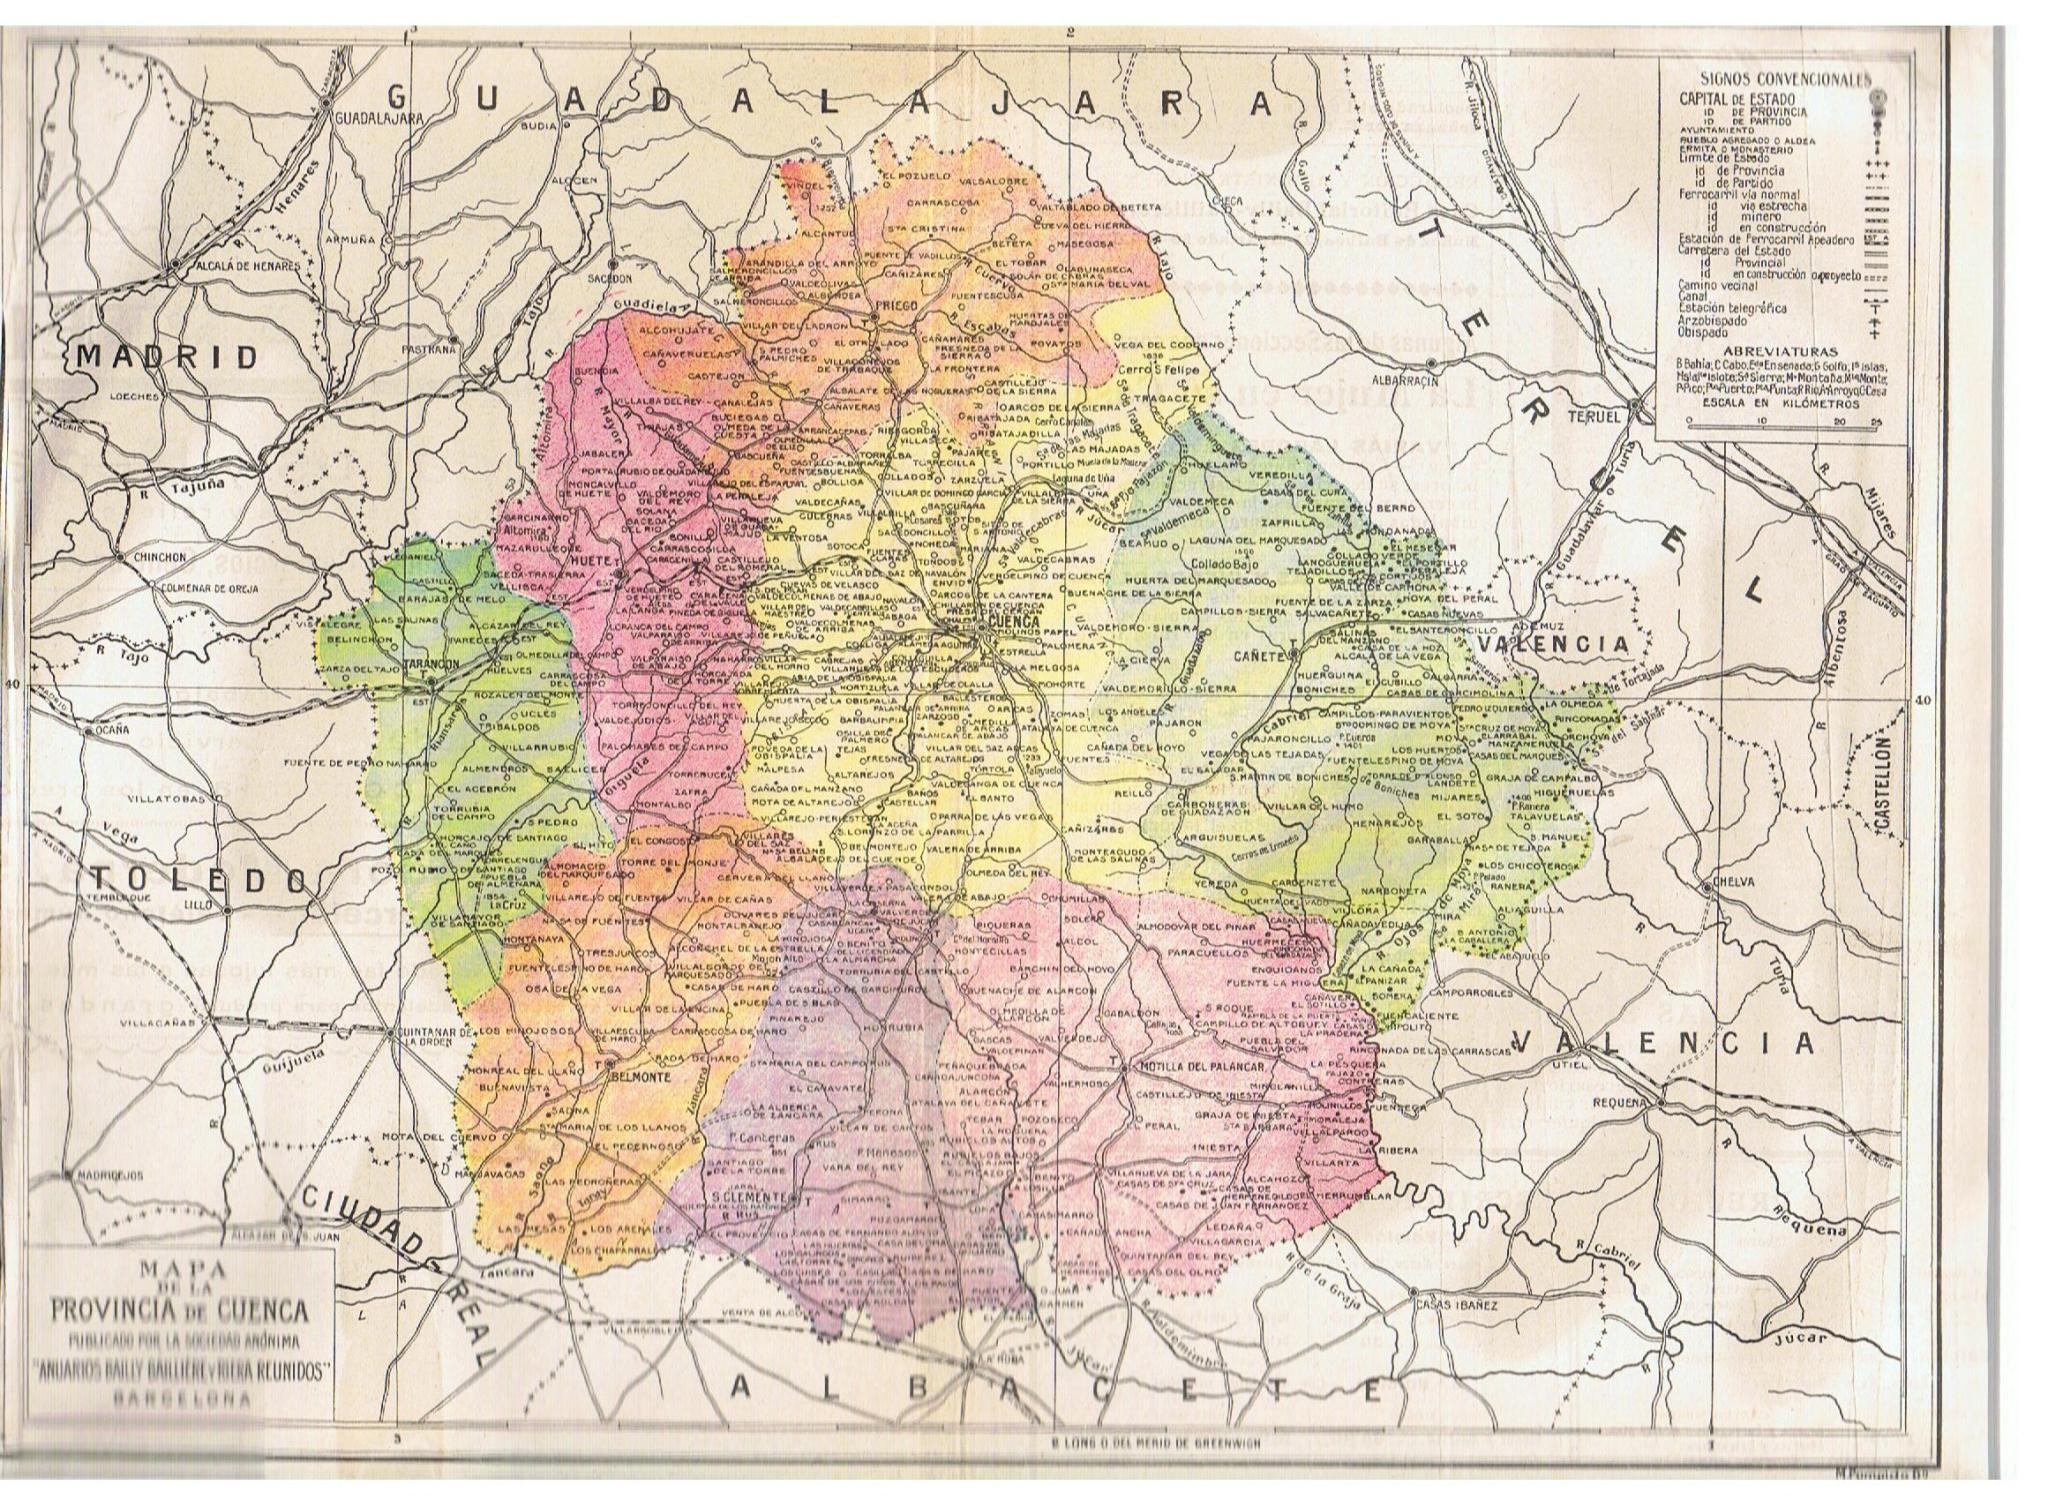 Mapa Provincia De Cuenca España.Mapa De La Provincia De Cuenca